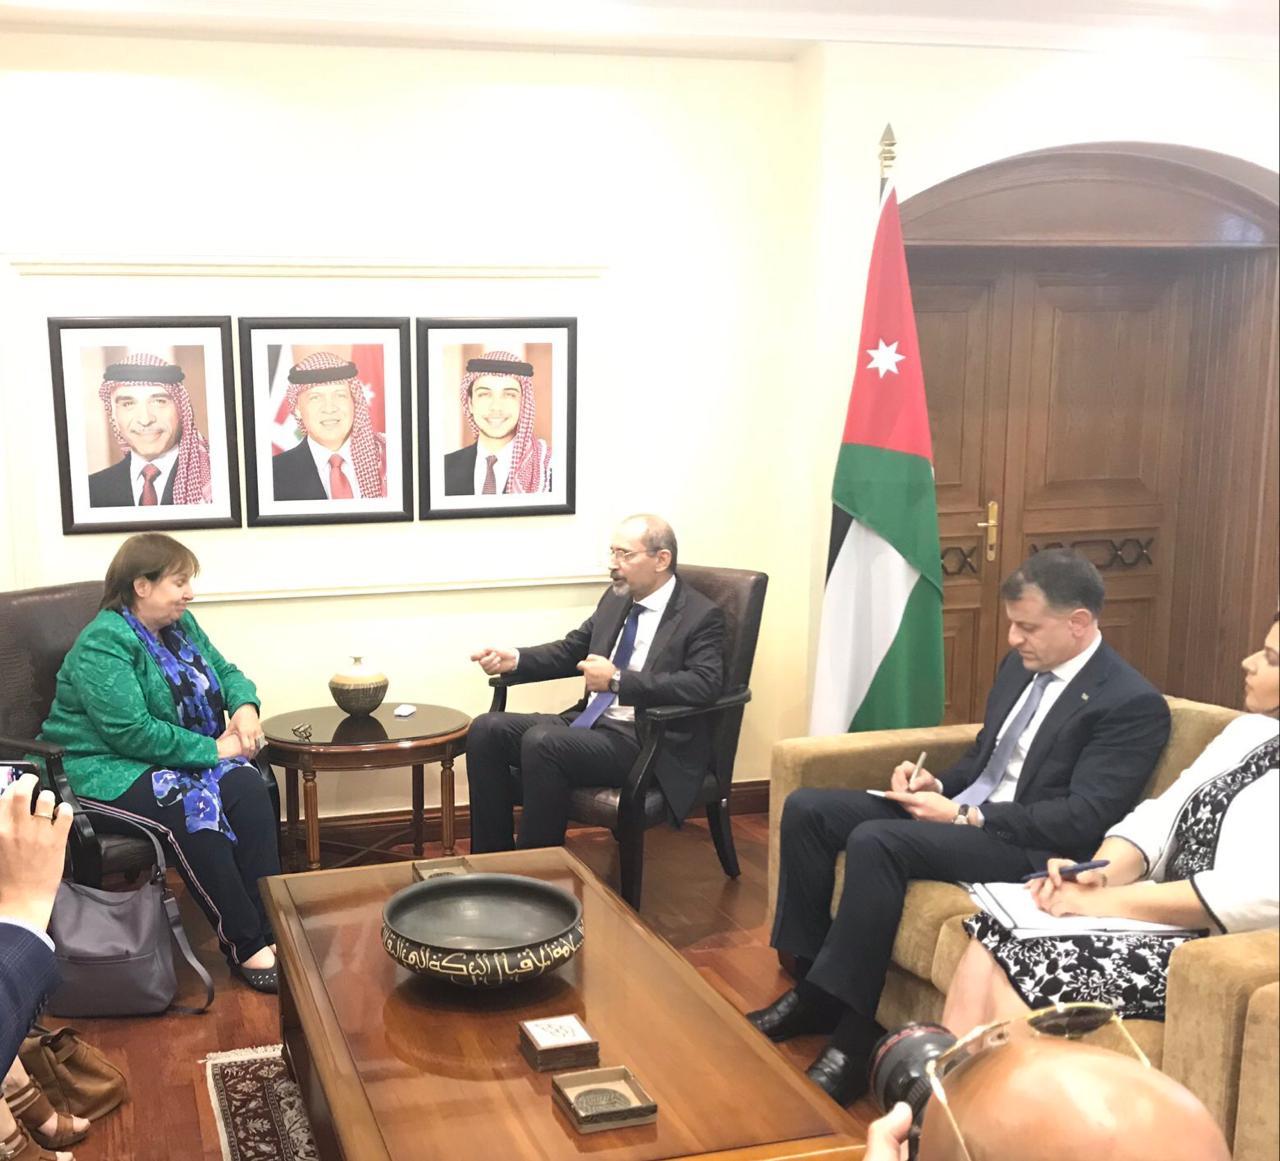 الصفدي يؤكد أهمية الدور الأوروبي لحل الصراع الفلسطيني الاسرائيلي وفق حل الدولتين